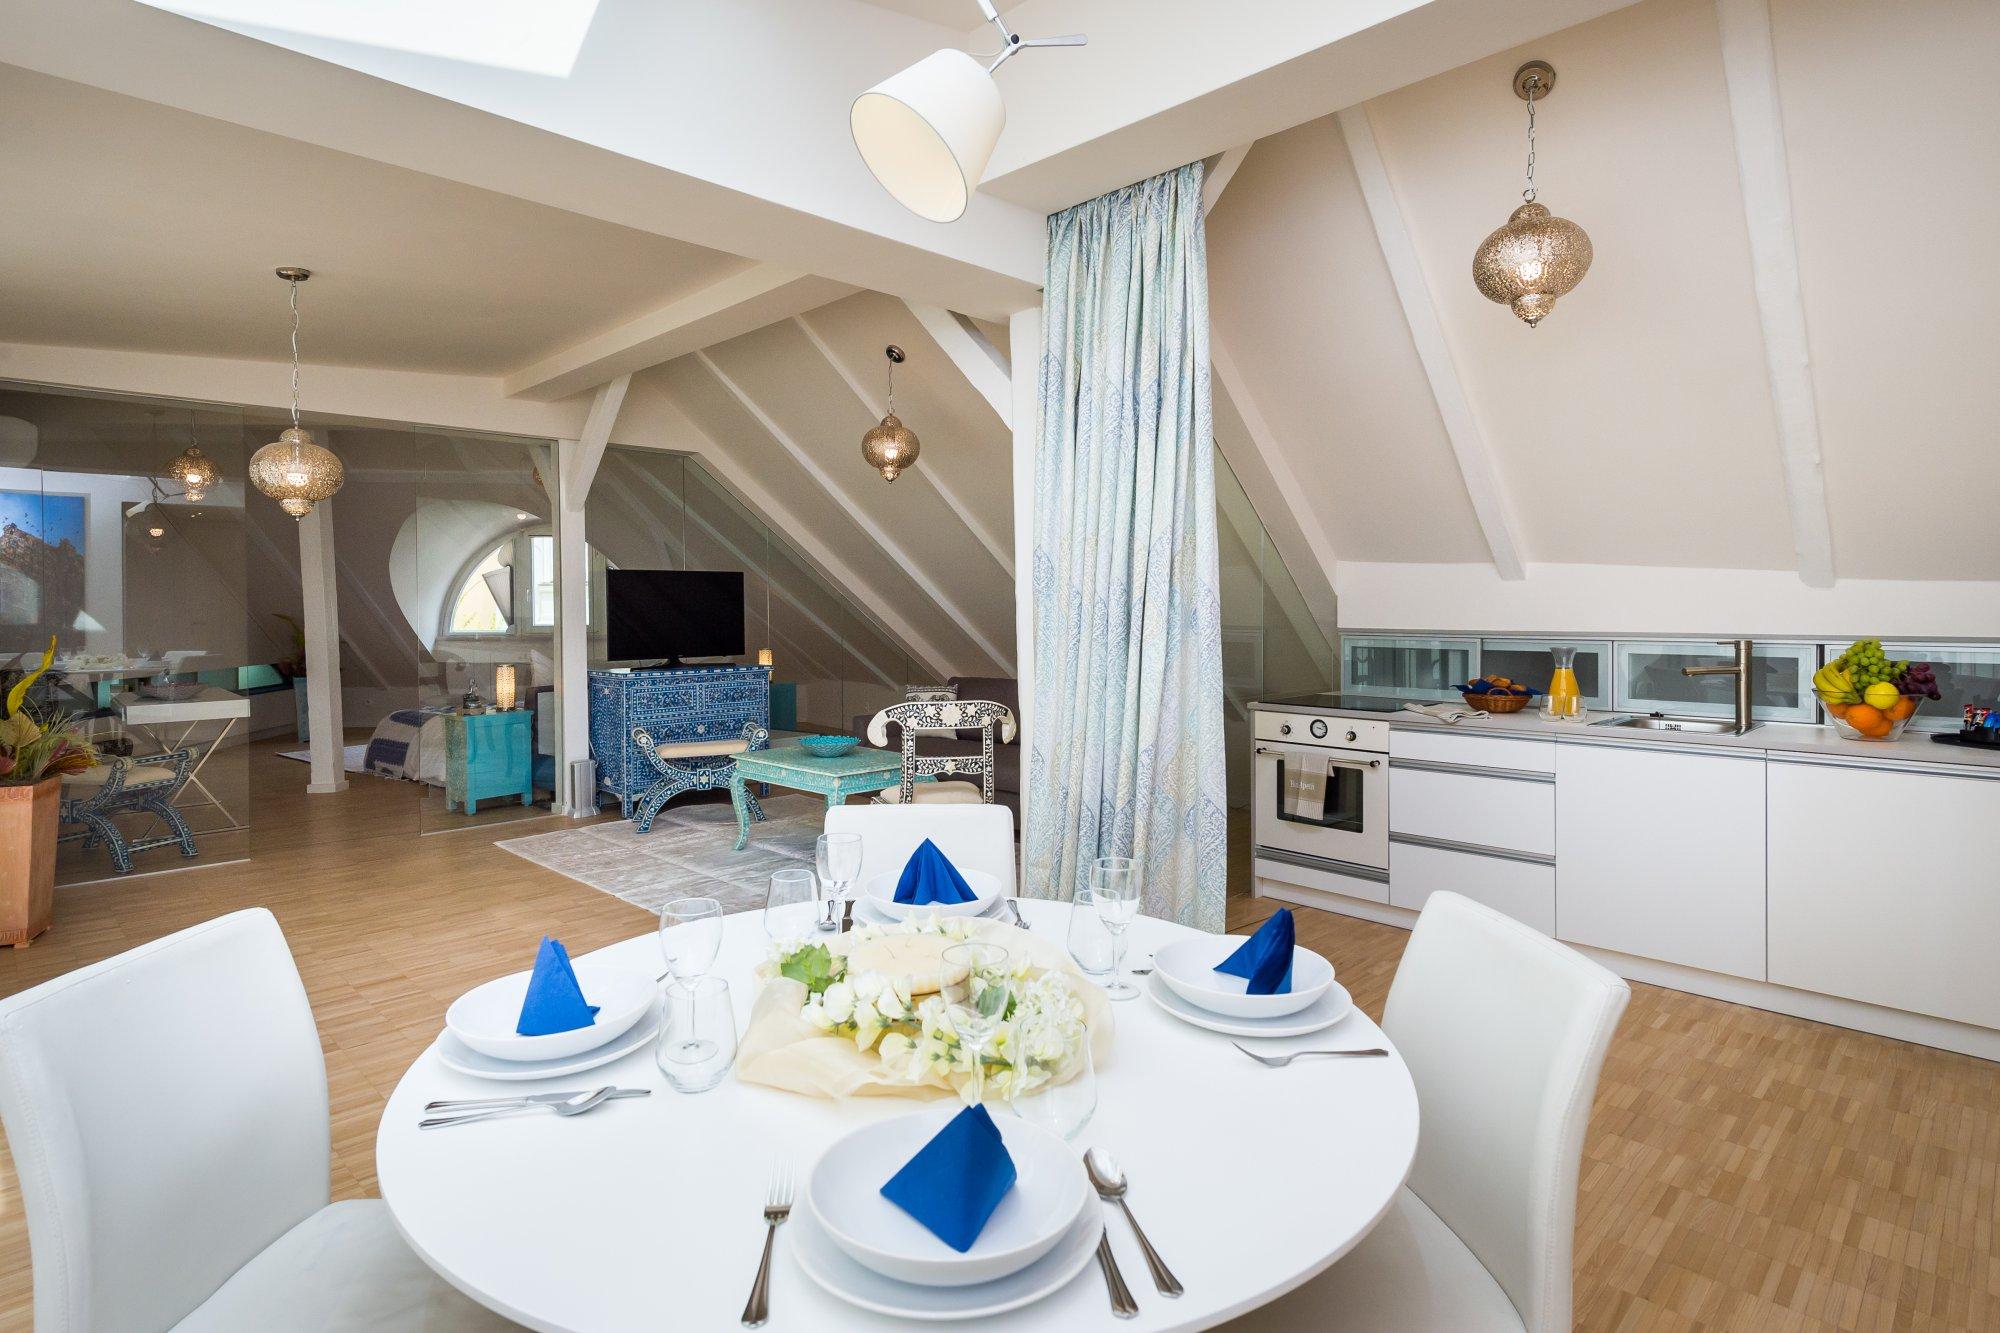 Půdní byt 2+kk, plocha 108 m², ulice Jilská, Praha 1 - Staré Město | 3